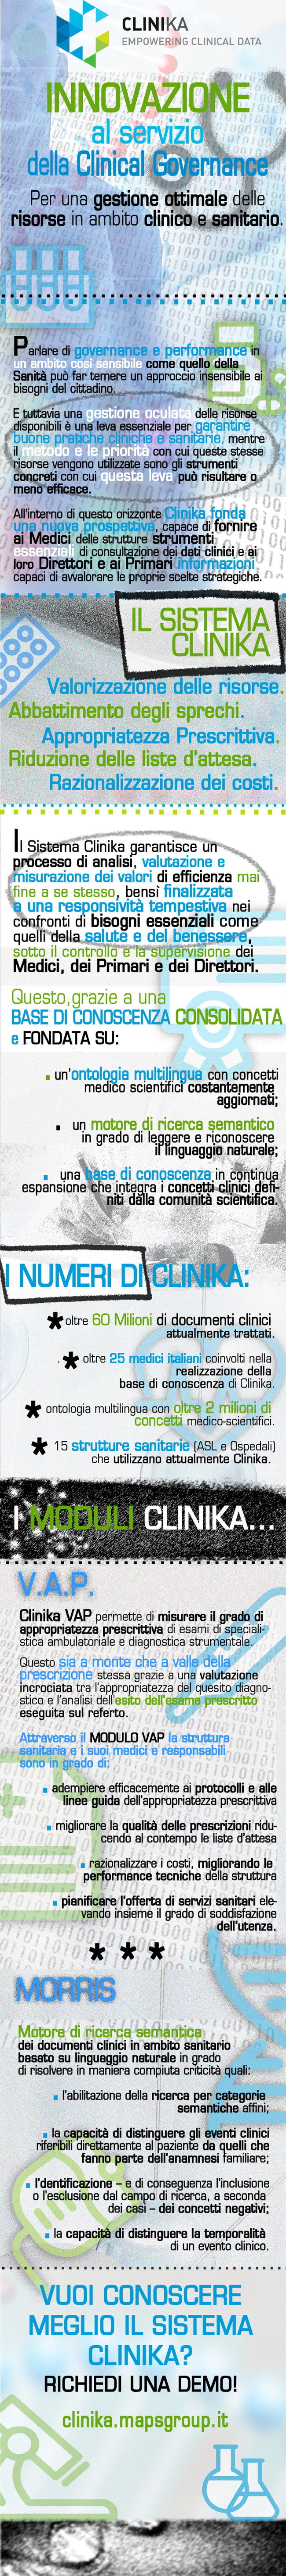 Clinika VAP e MORRIS